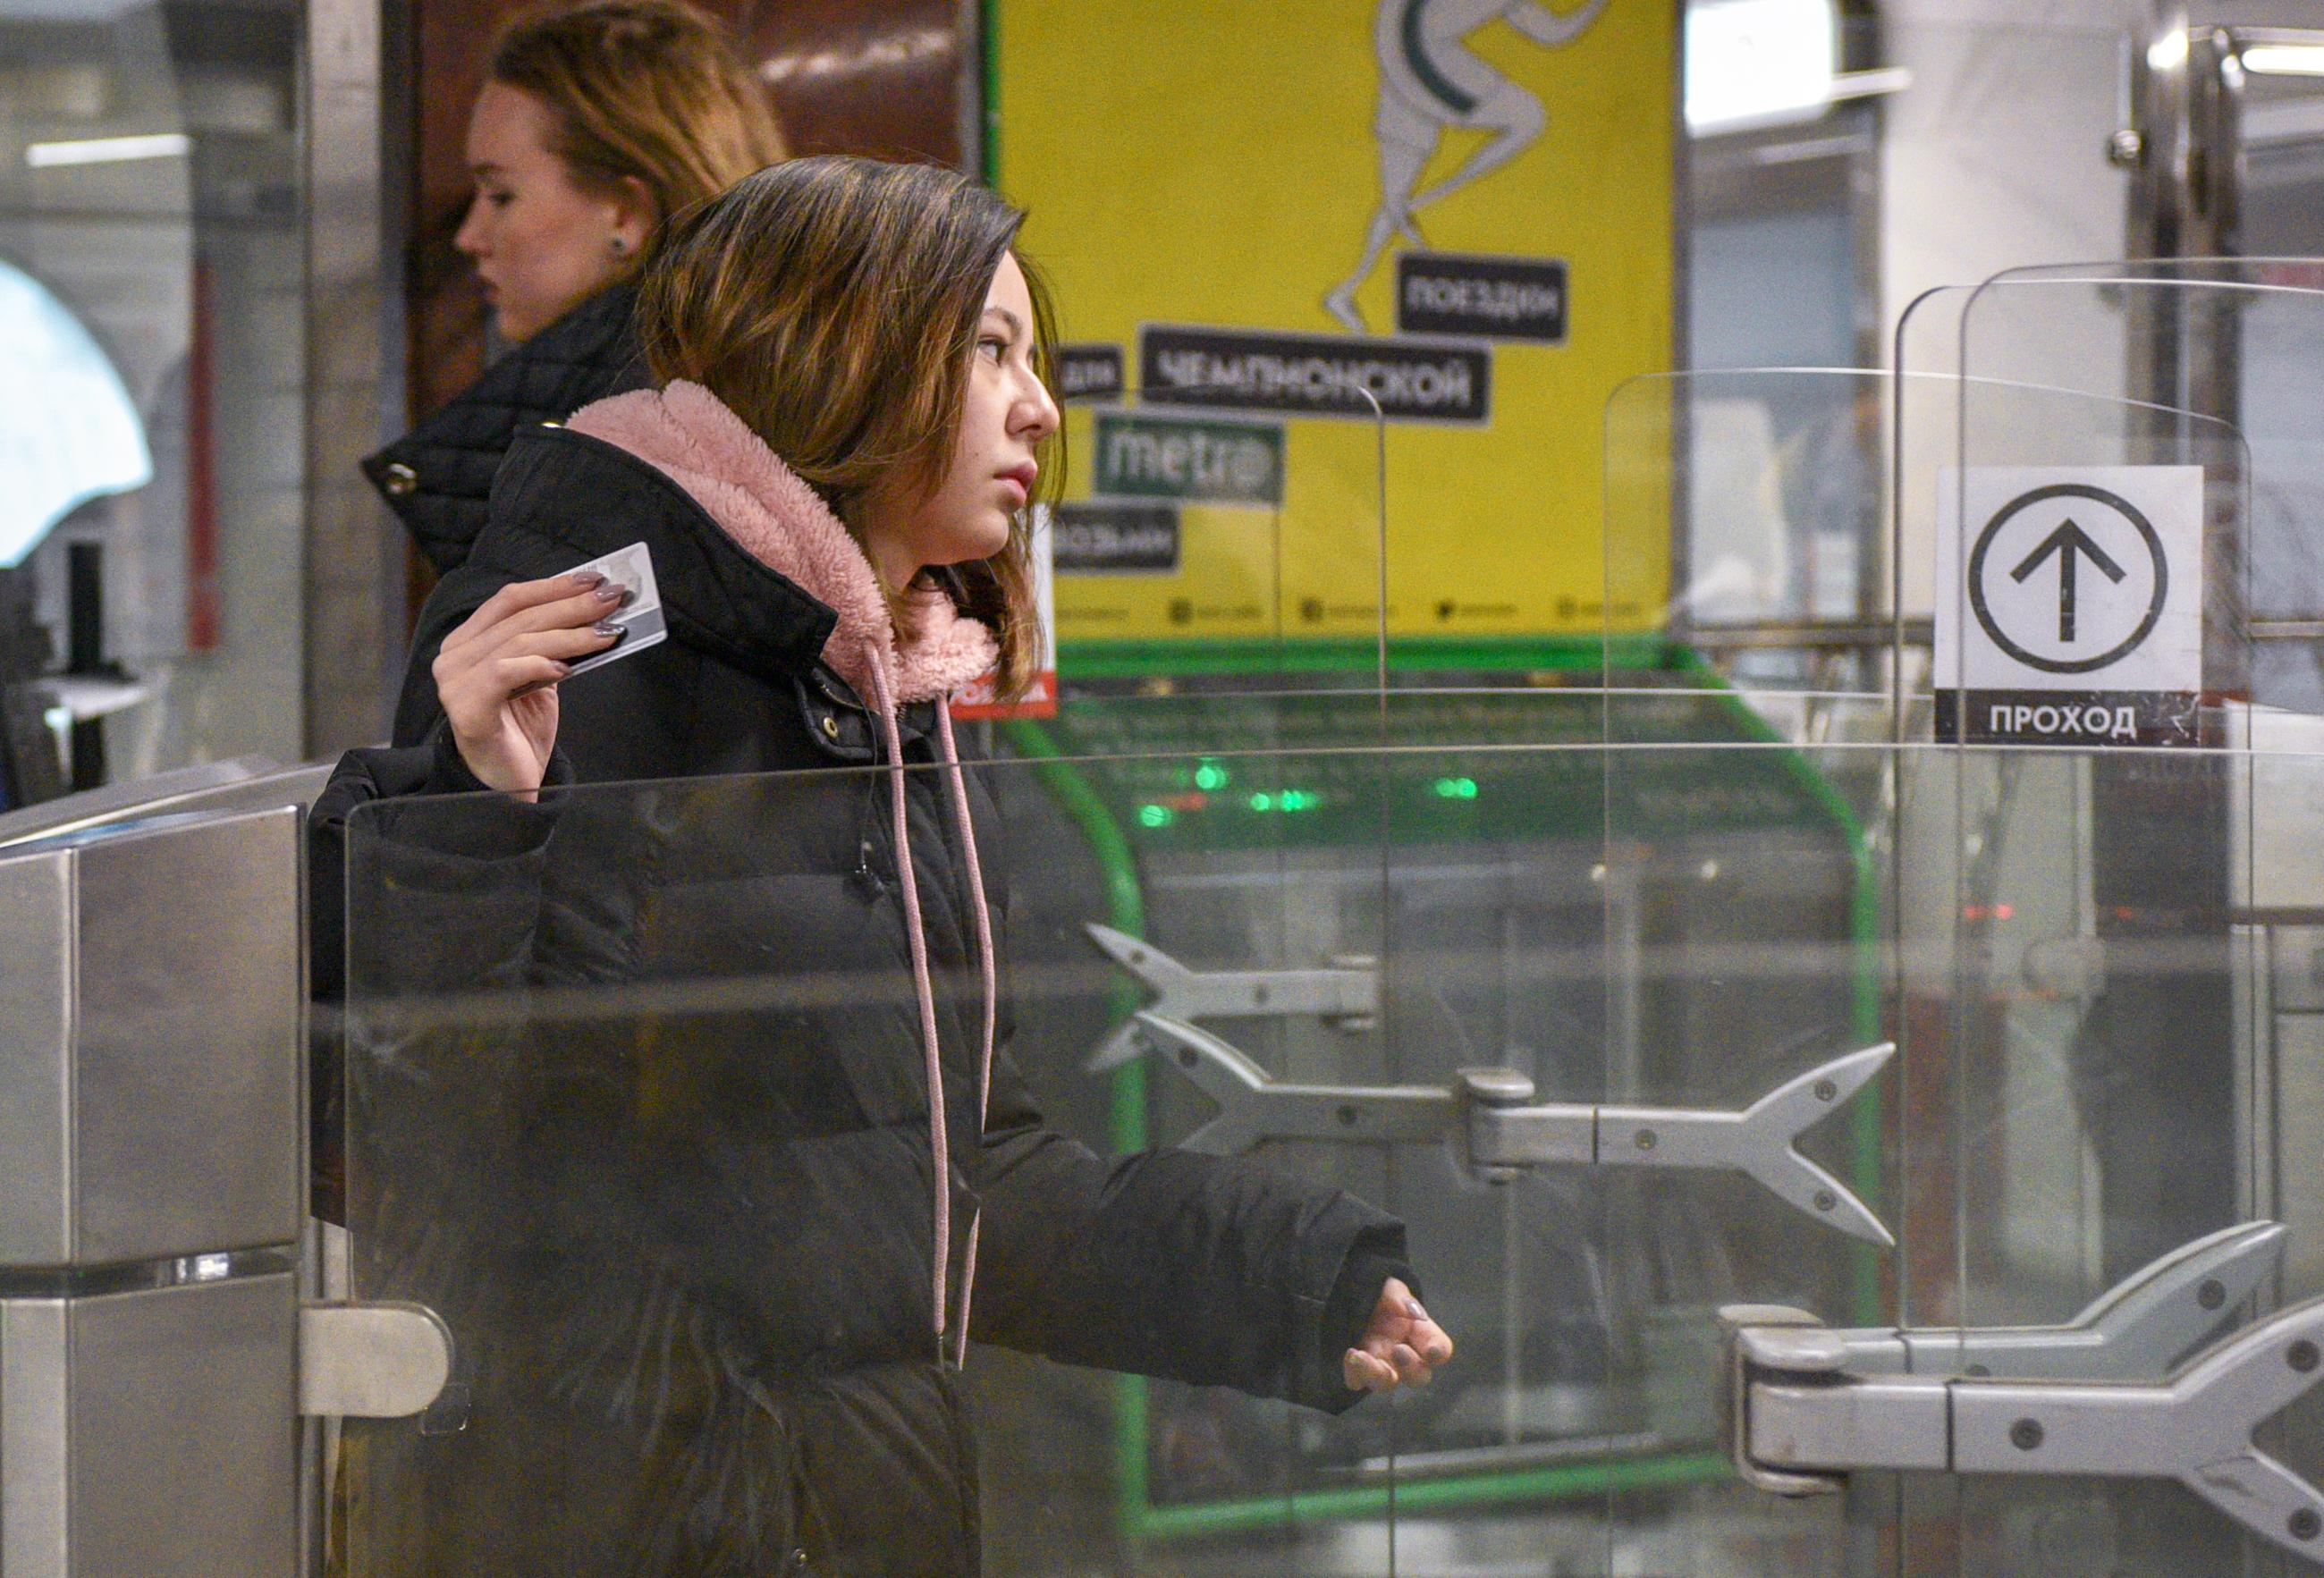 Все станции метро и МЦК оснастили тепловизорами